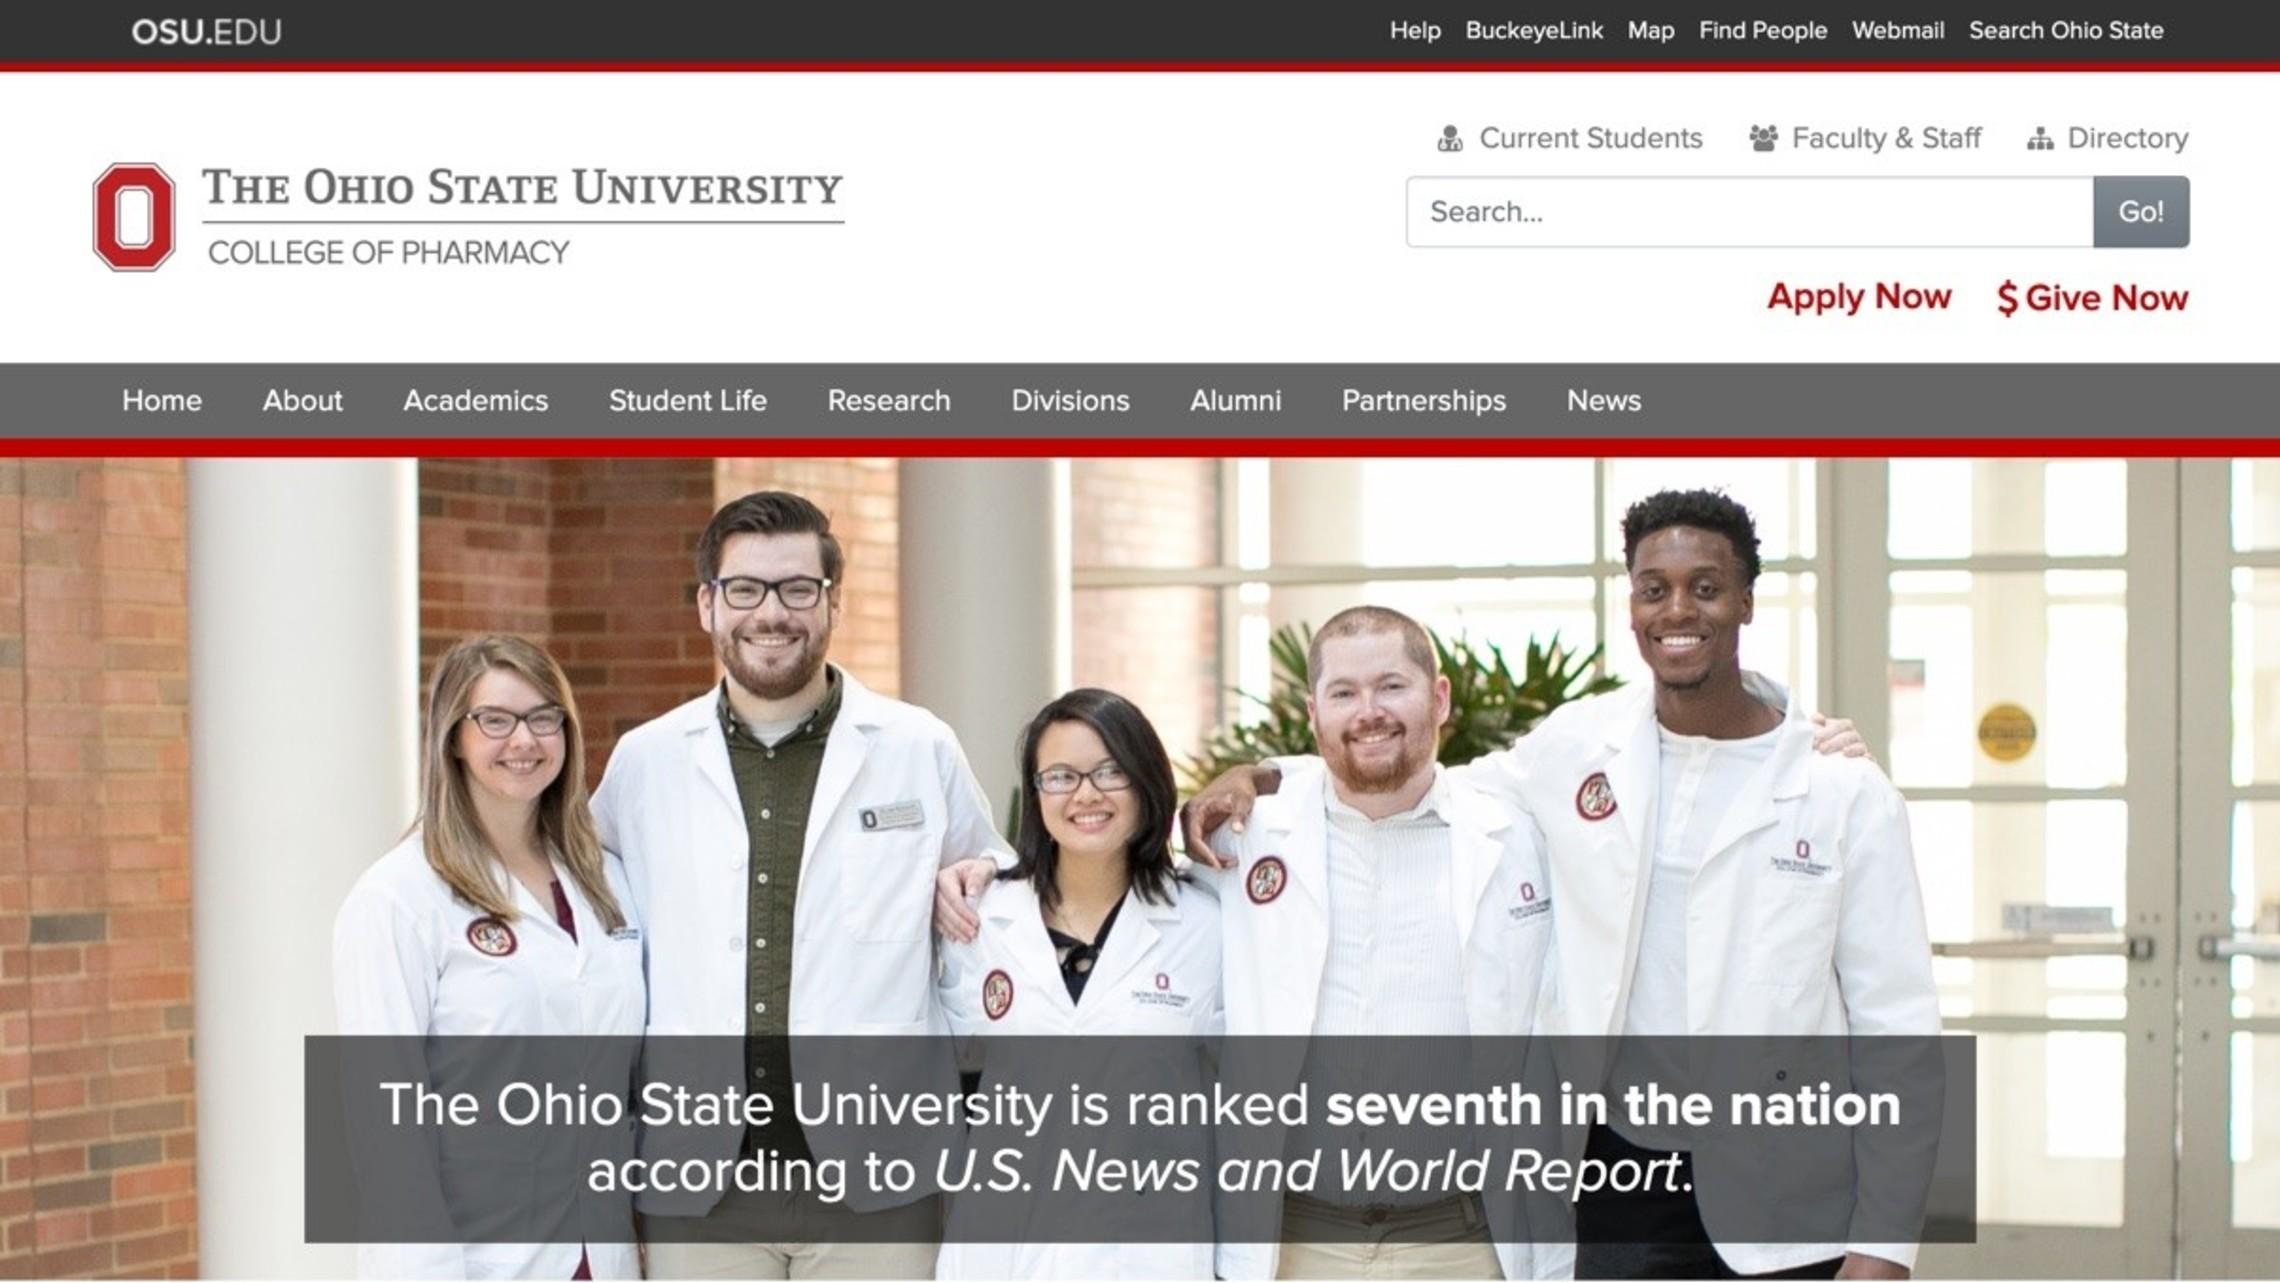 Ohio State University - College Of Pharmacy